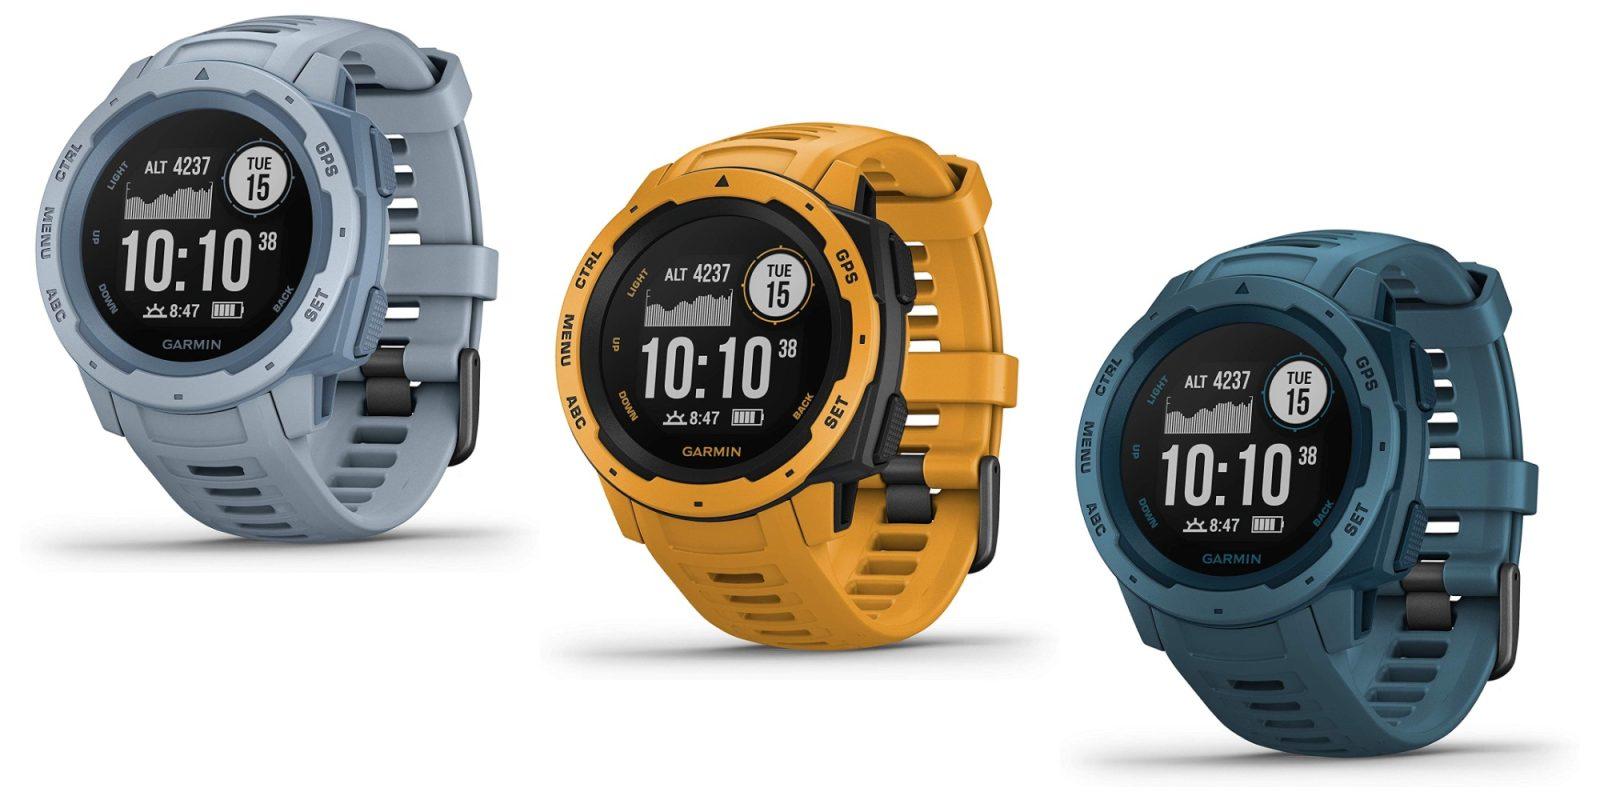 Garmin's Instinct GPS Smartwatch hits new Amazon low from $238 (Reg. $300)